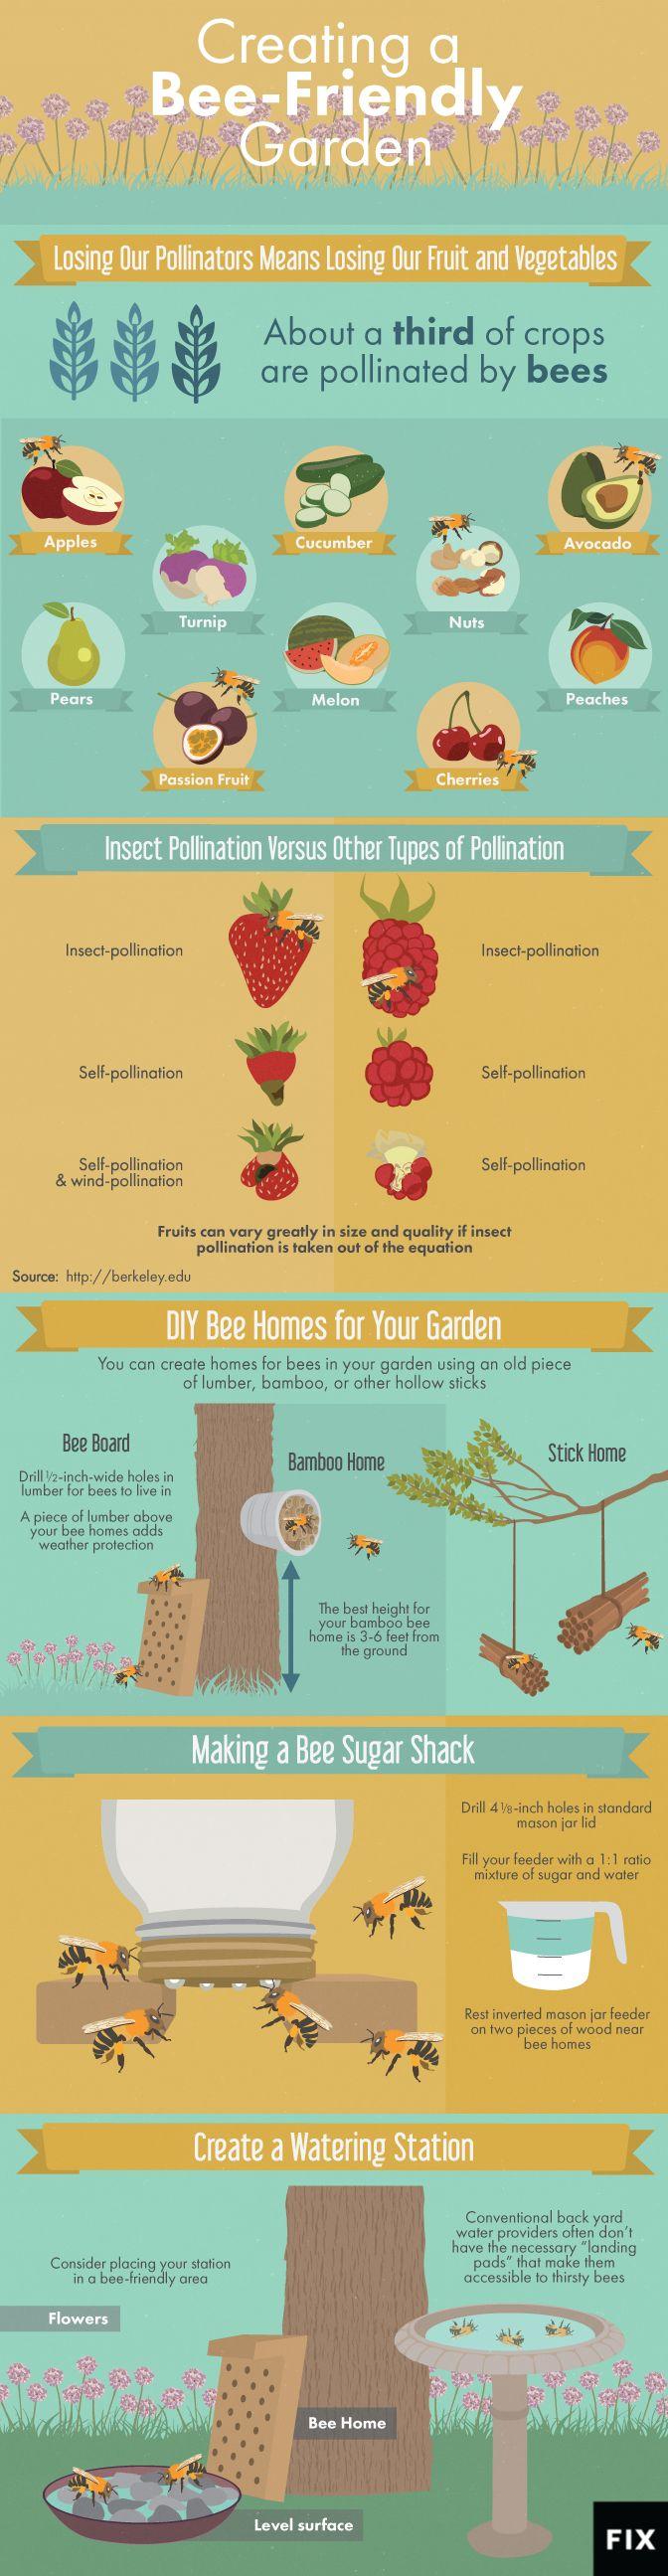 Frugal Gardening Tip #5: Attract Pollinators | PreparednessMama